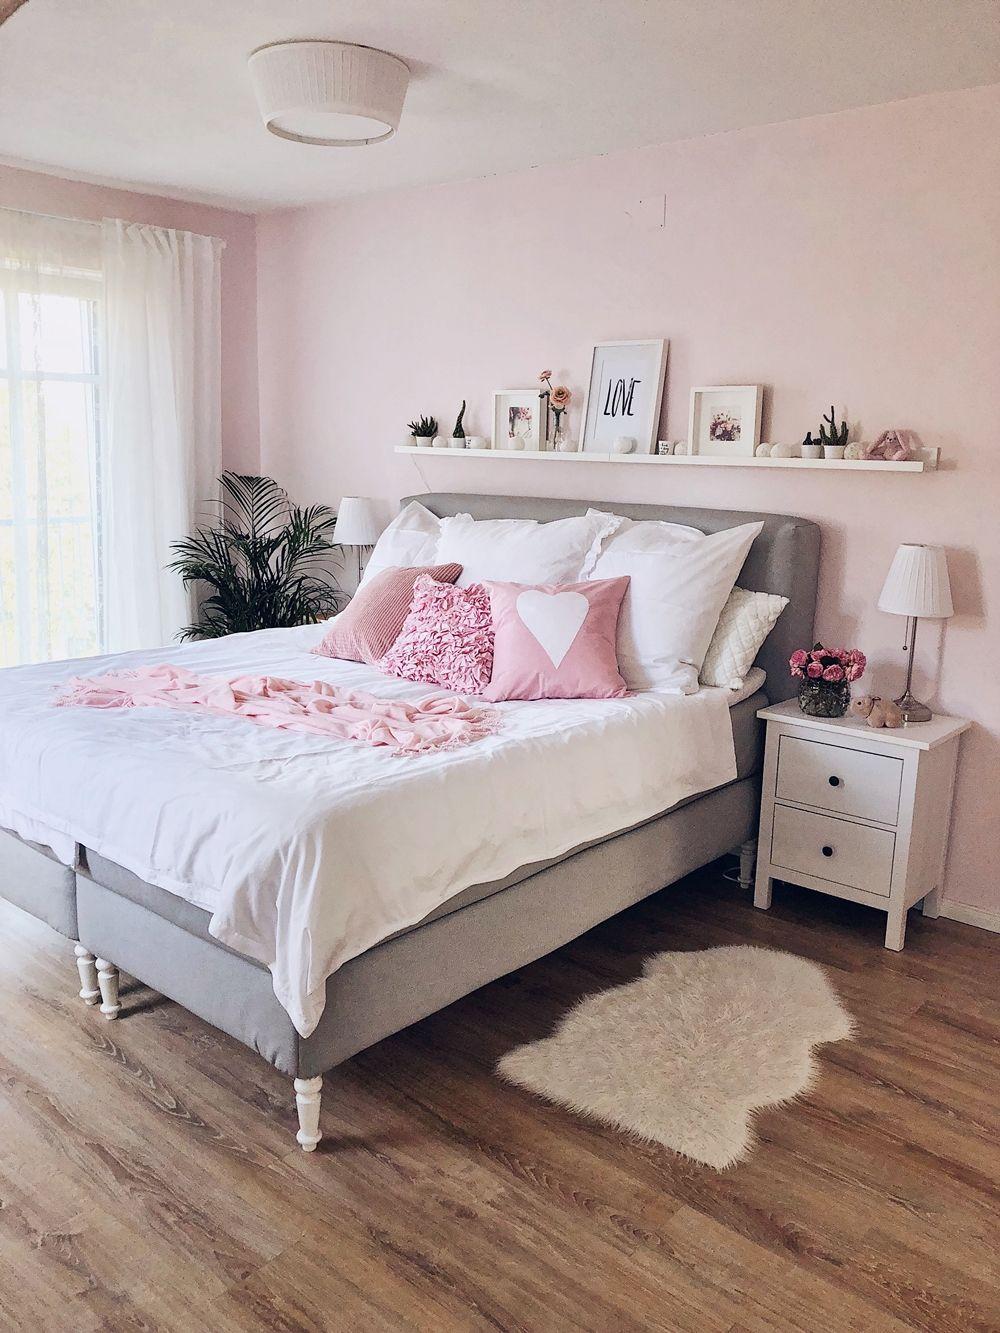 Photo of Aggiornamento camera da letto – letto a molle e interni – cucina alla moda